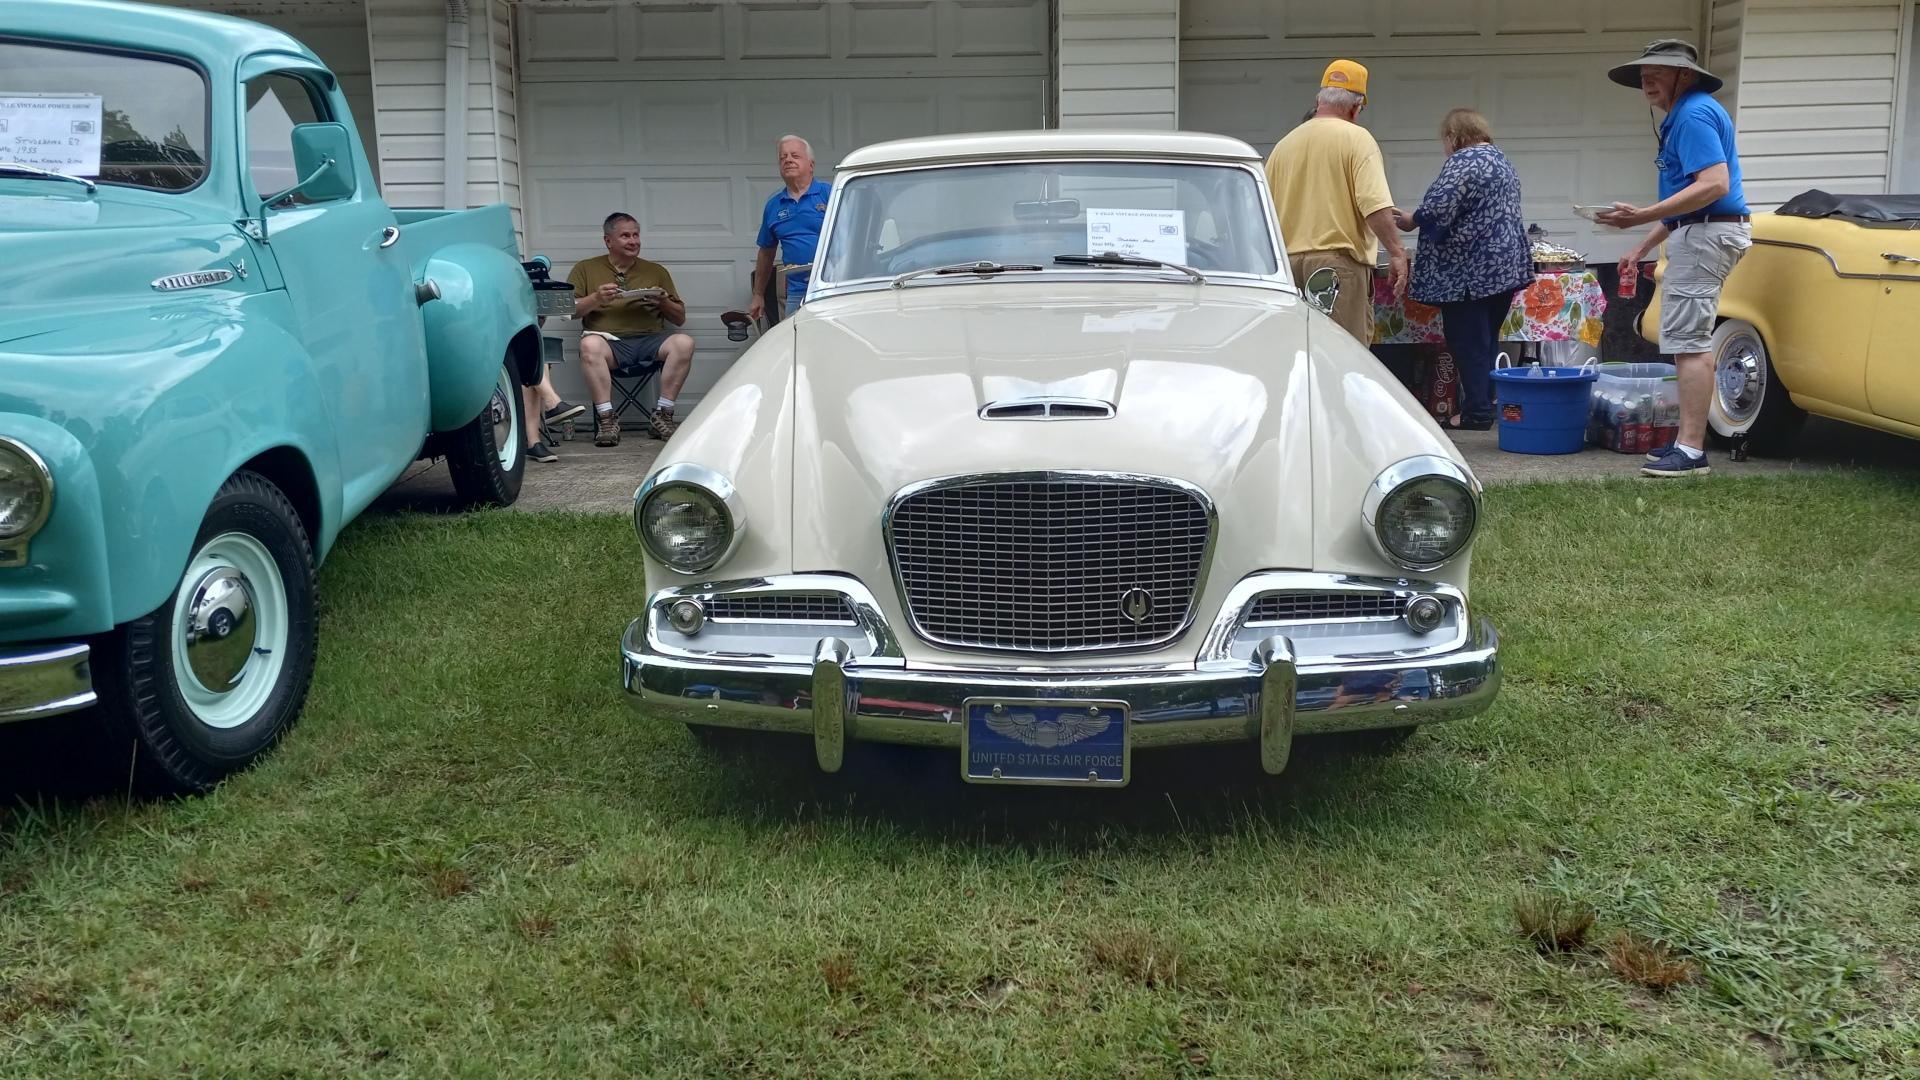 Studebaker Hawk classic car